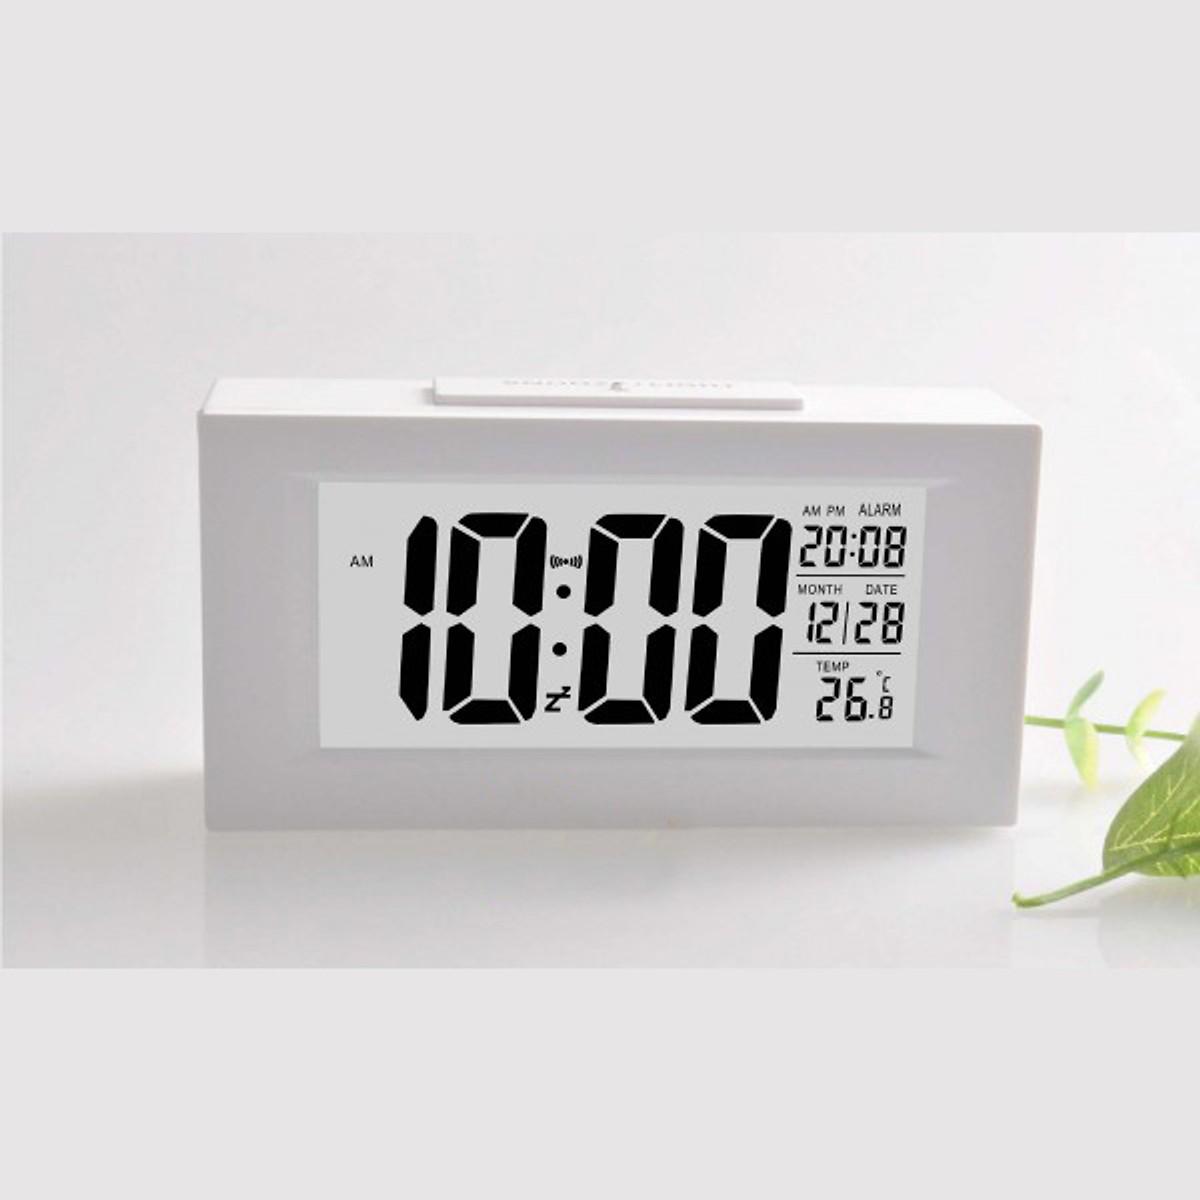 Đồng hồ báo thức cảm biến phát sáng trong đêm cao cấp C4 canino